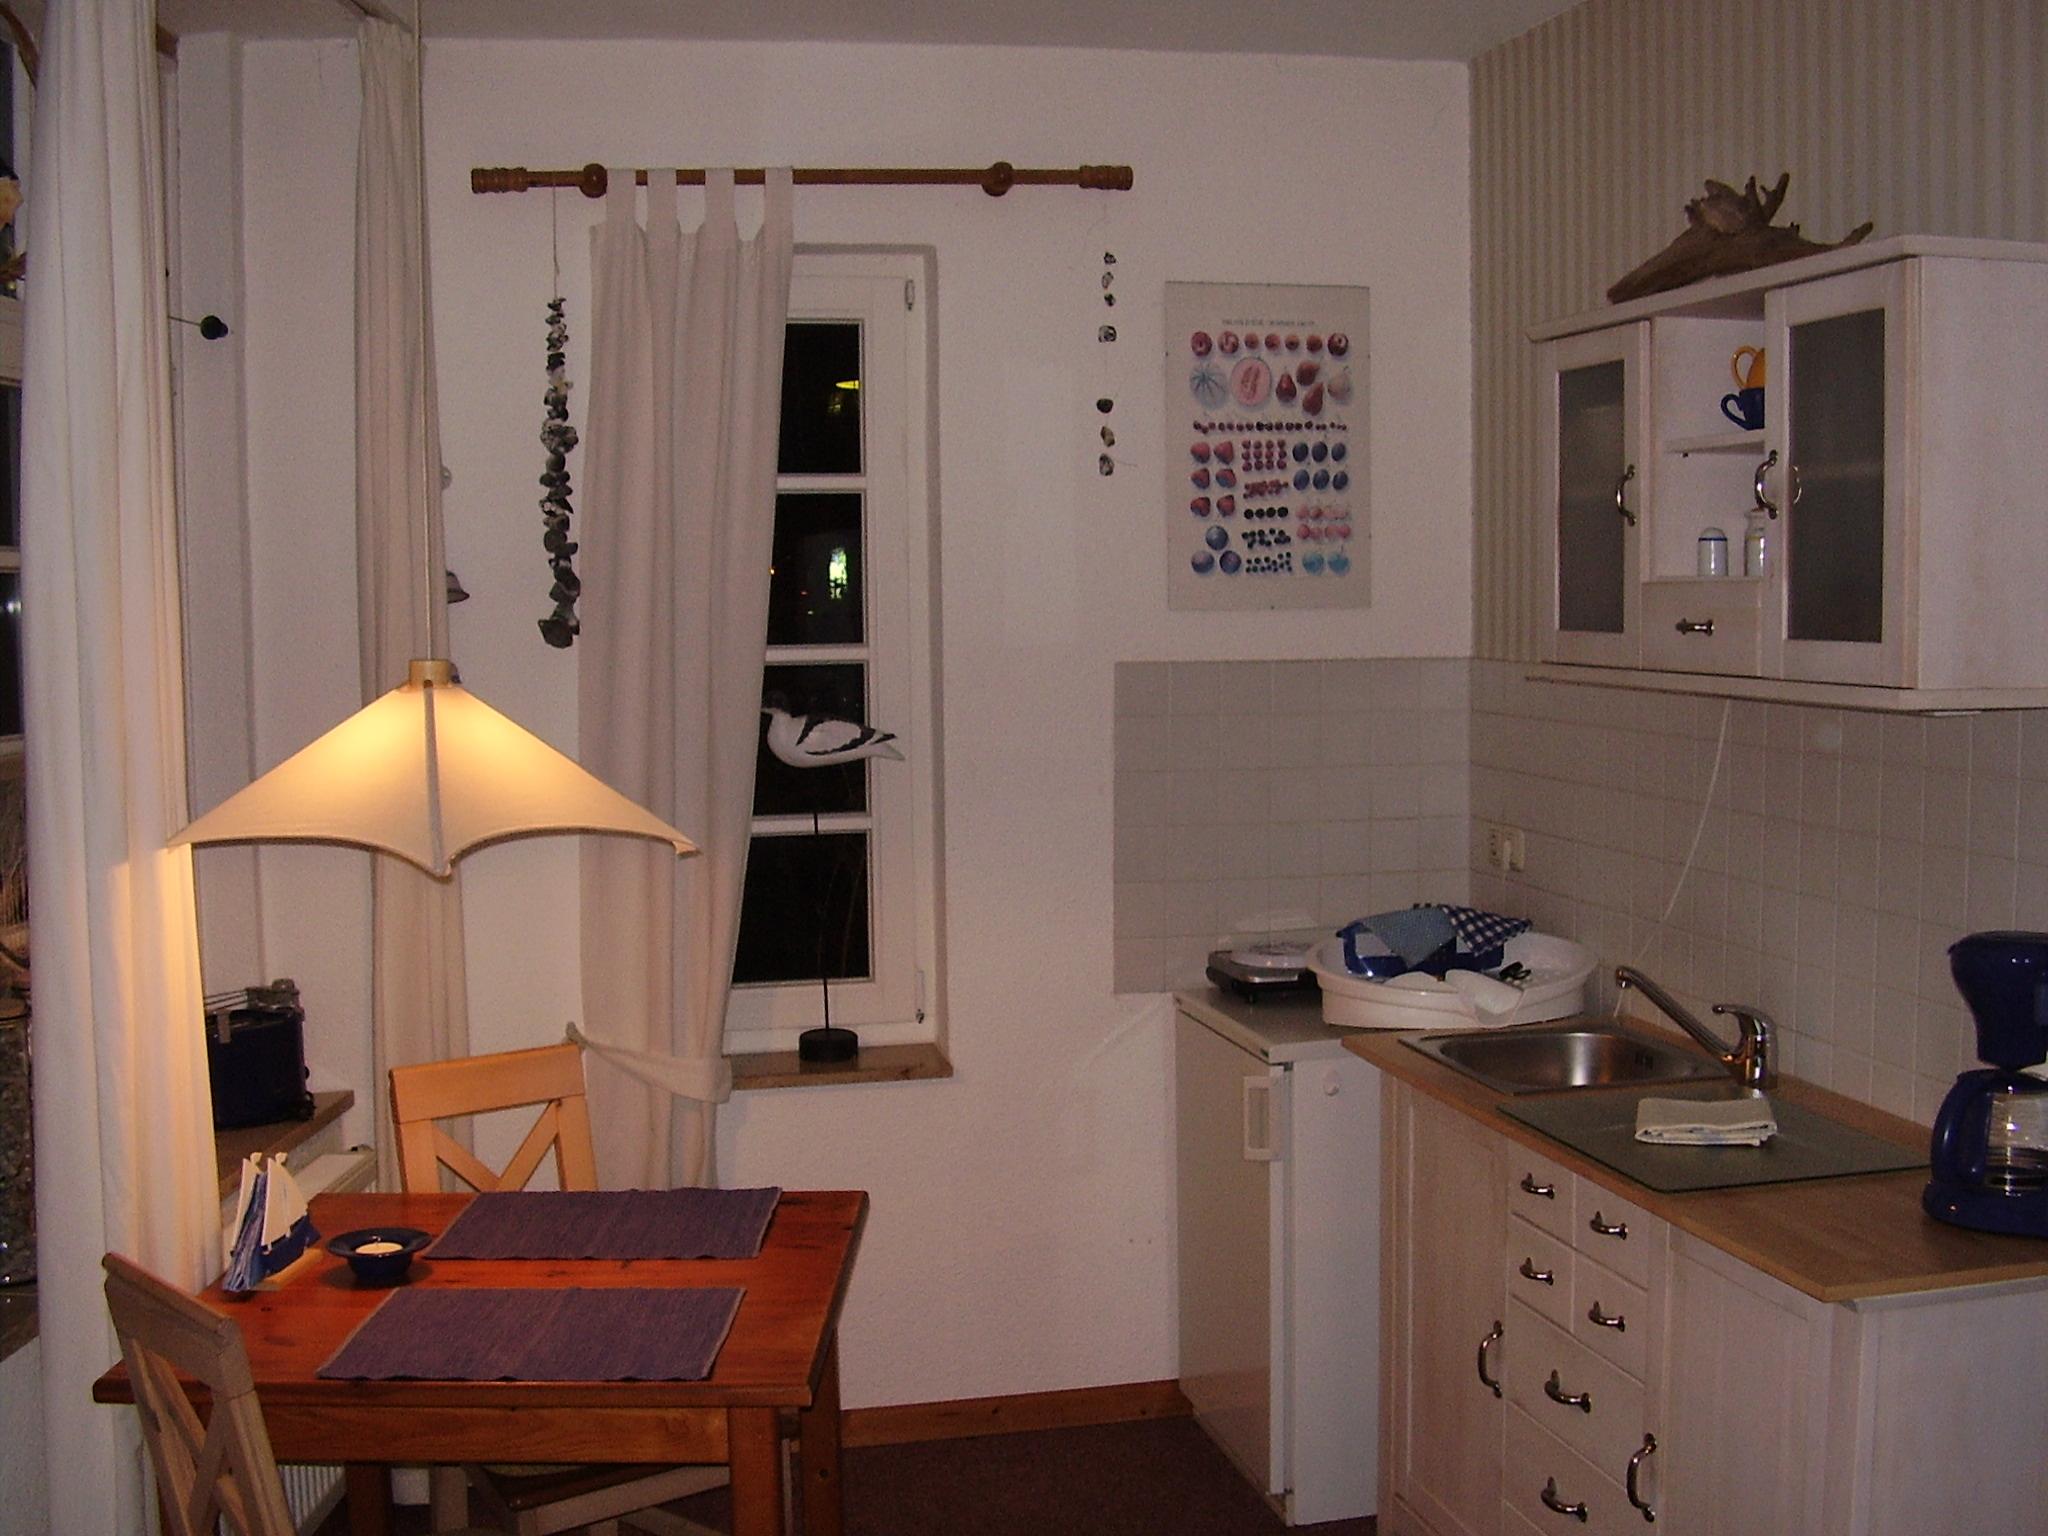 zu den h hnerg ttern ihre ferienwohnung. Black Bedroom Furniture Sets. Home Design Ideas